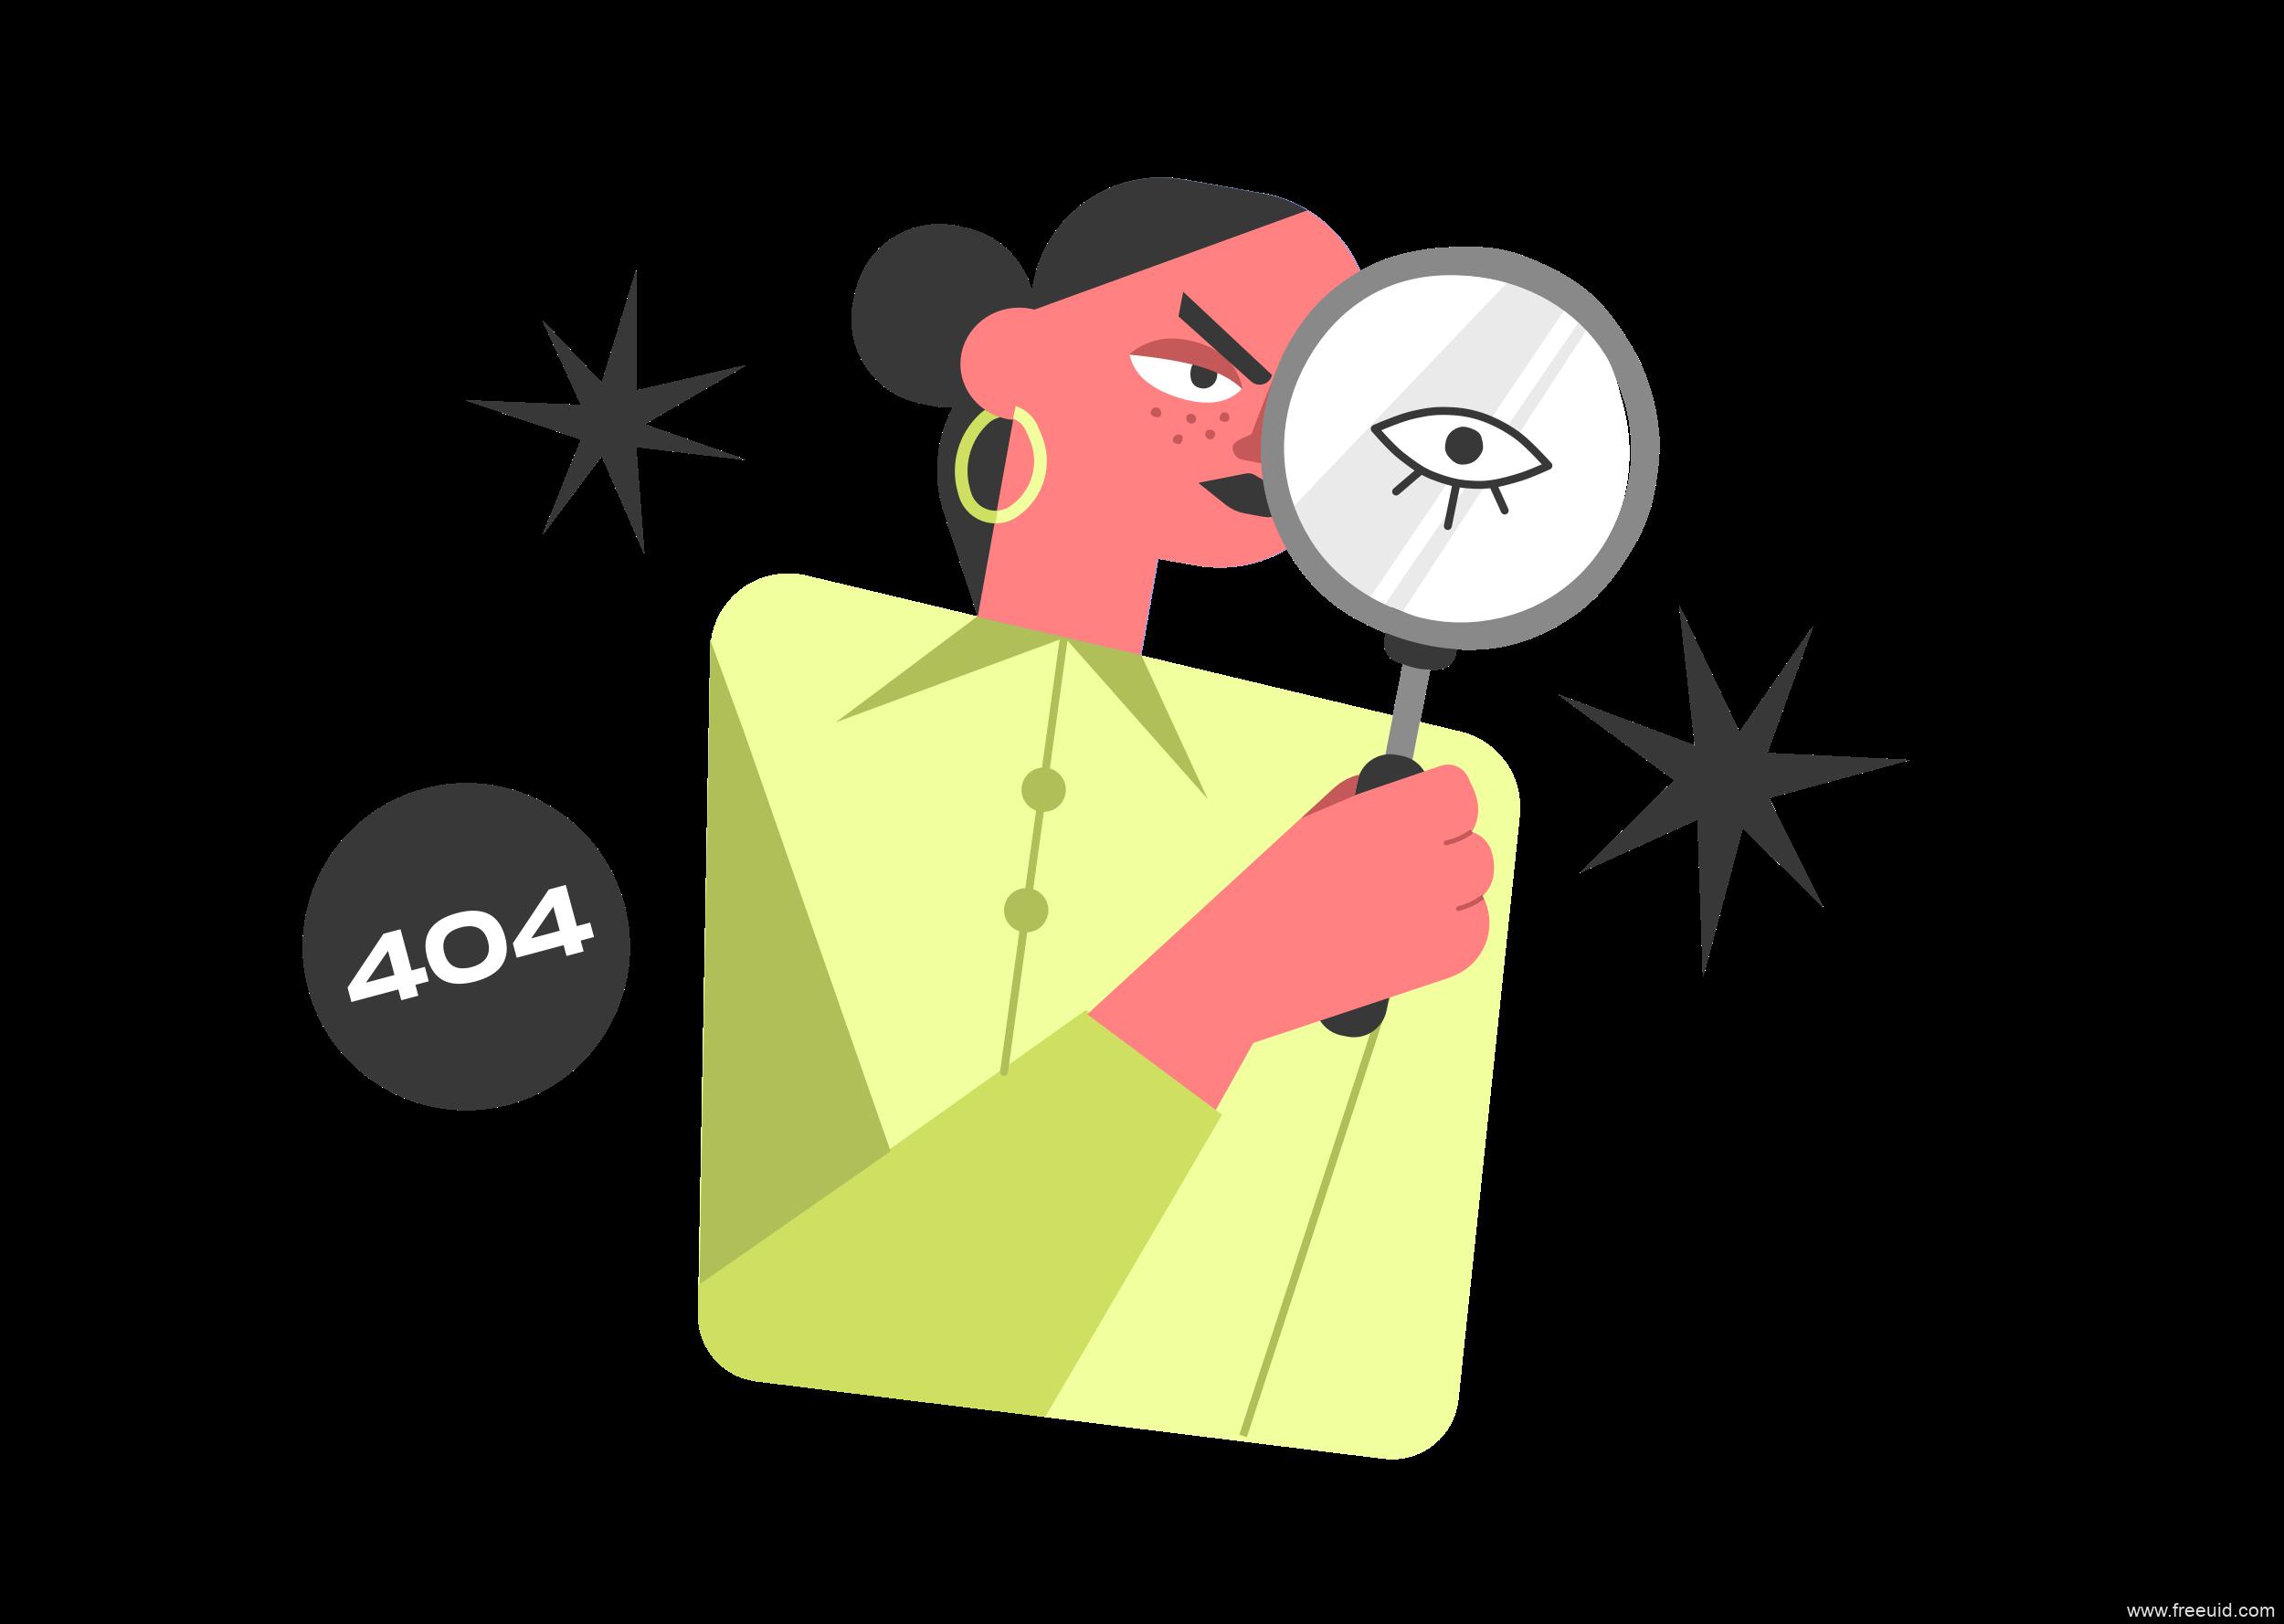 一组很有创意的404空状态插画源文件下载,404插画svg,sketch,fig,png源文件下载